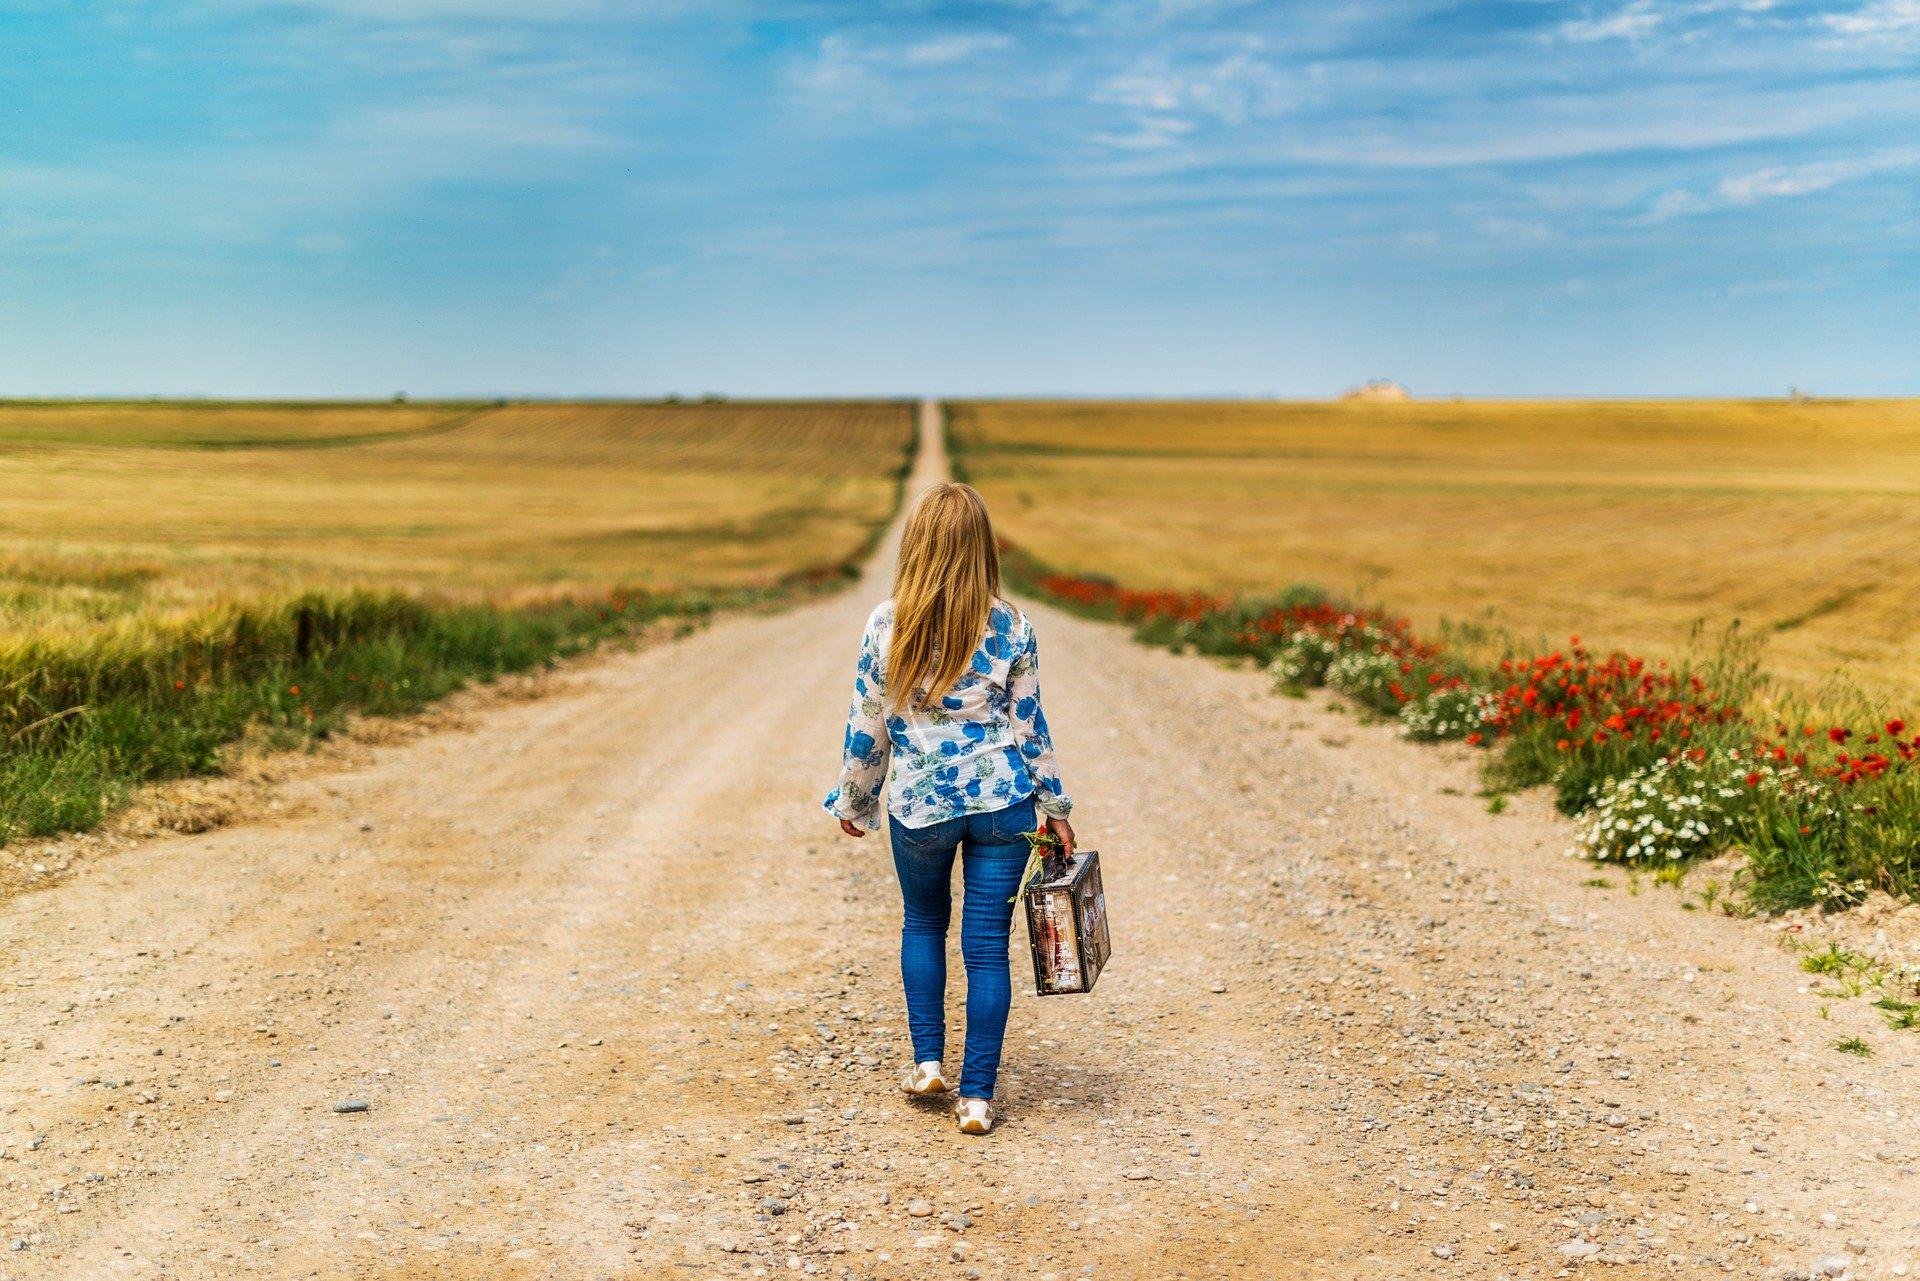 ほぐし処とりっぷの歩き過ぎて足が疲れた時のイメージ写真